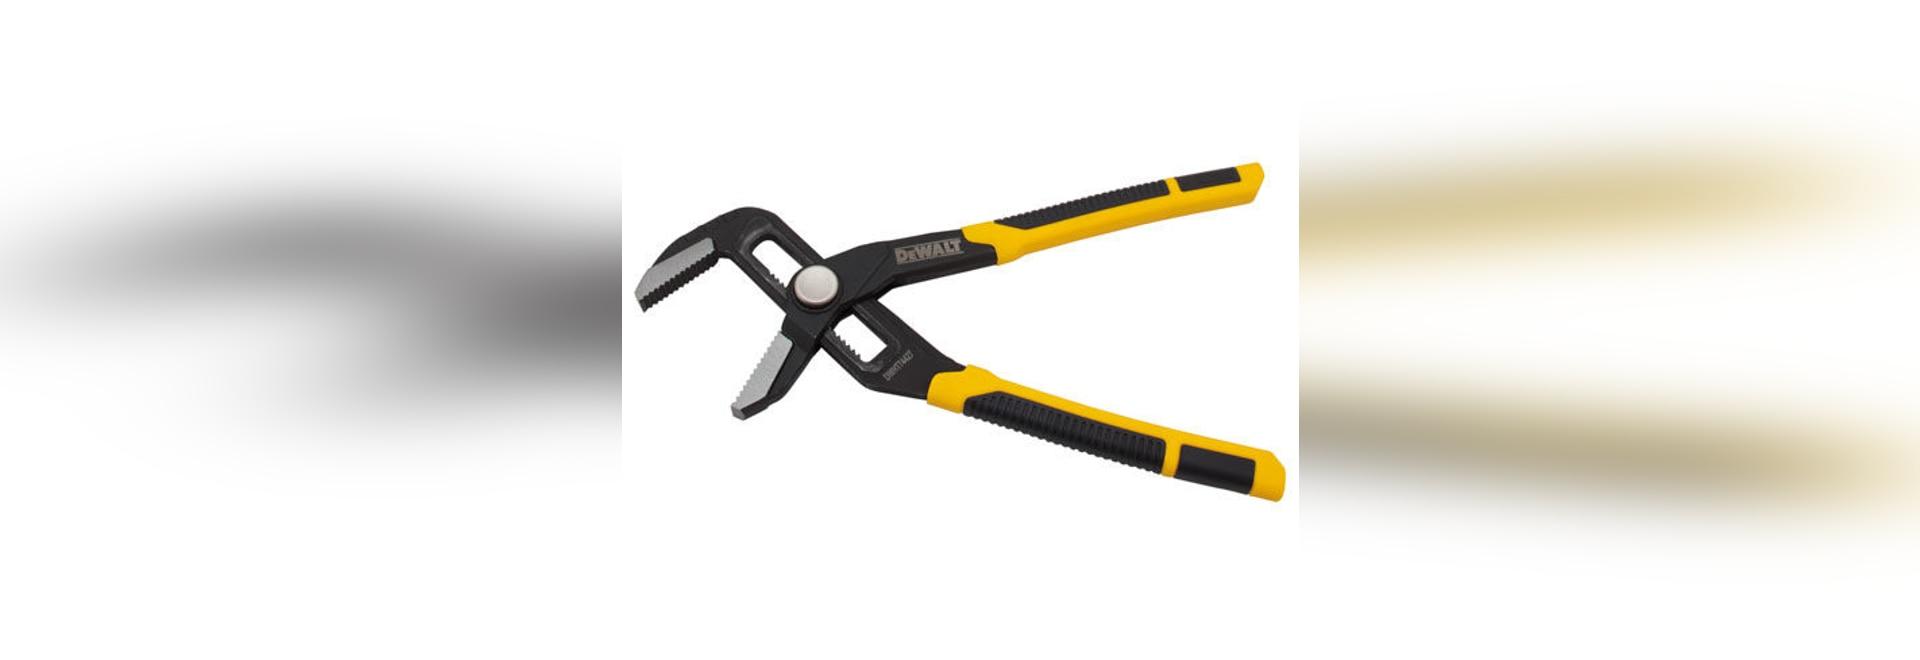 NEU: Zangen durch DEWALT industrielles Werkzeug - DEWALT Industrial Tool